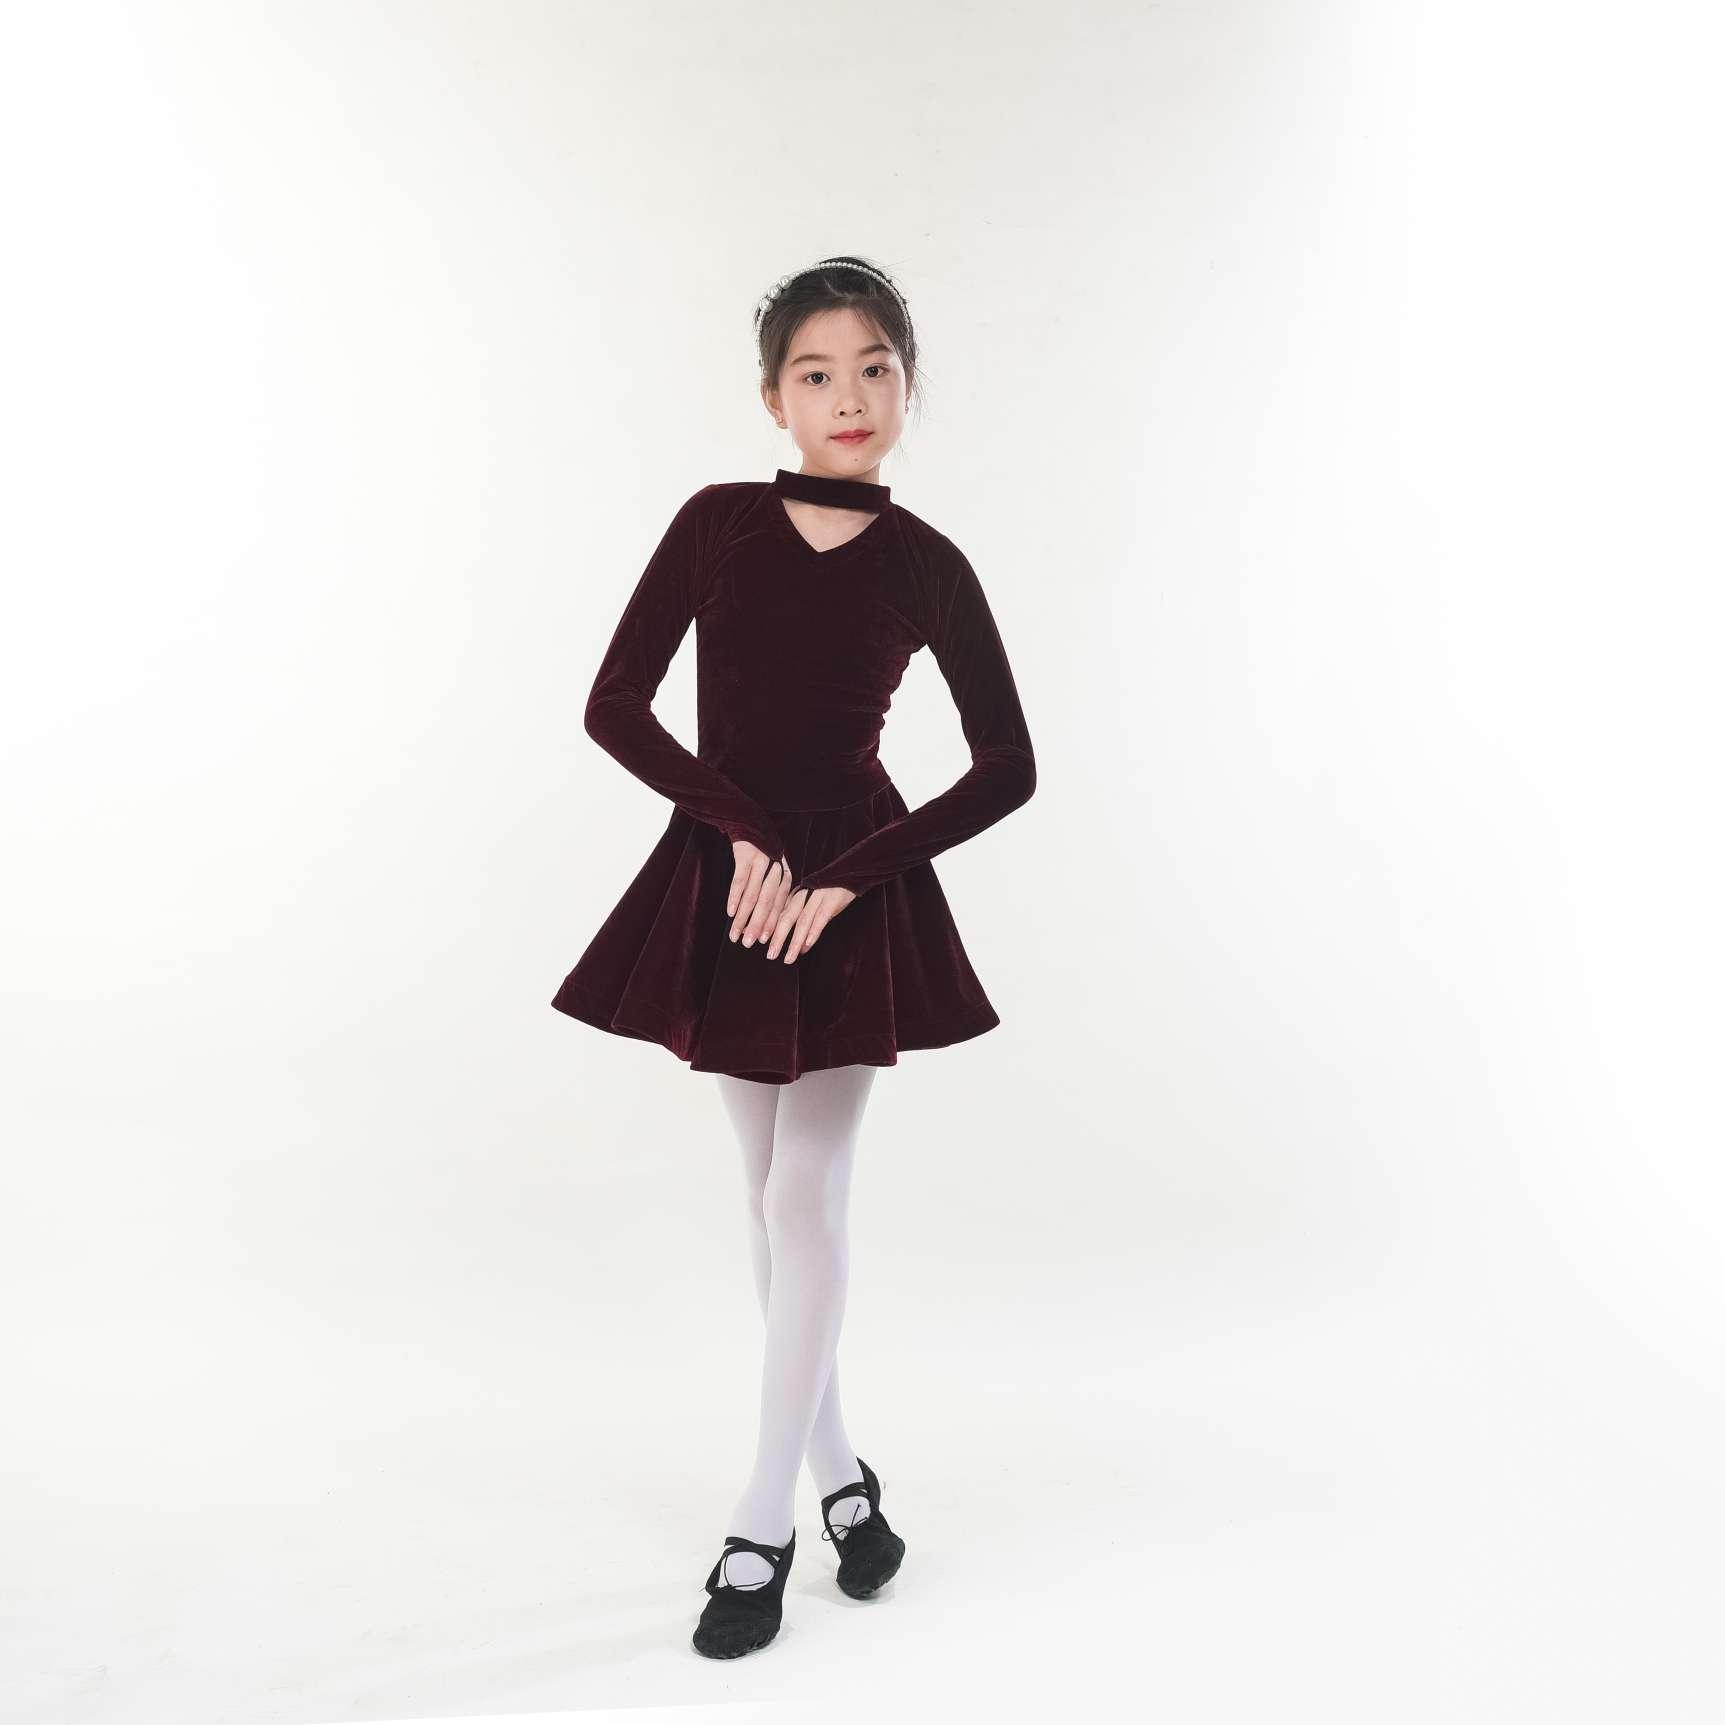 儿童金丝绒舞蹈裙拉丁裙带指套